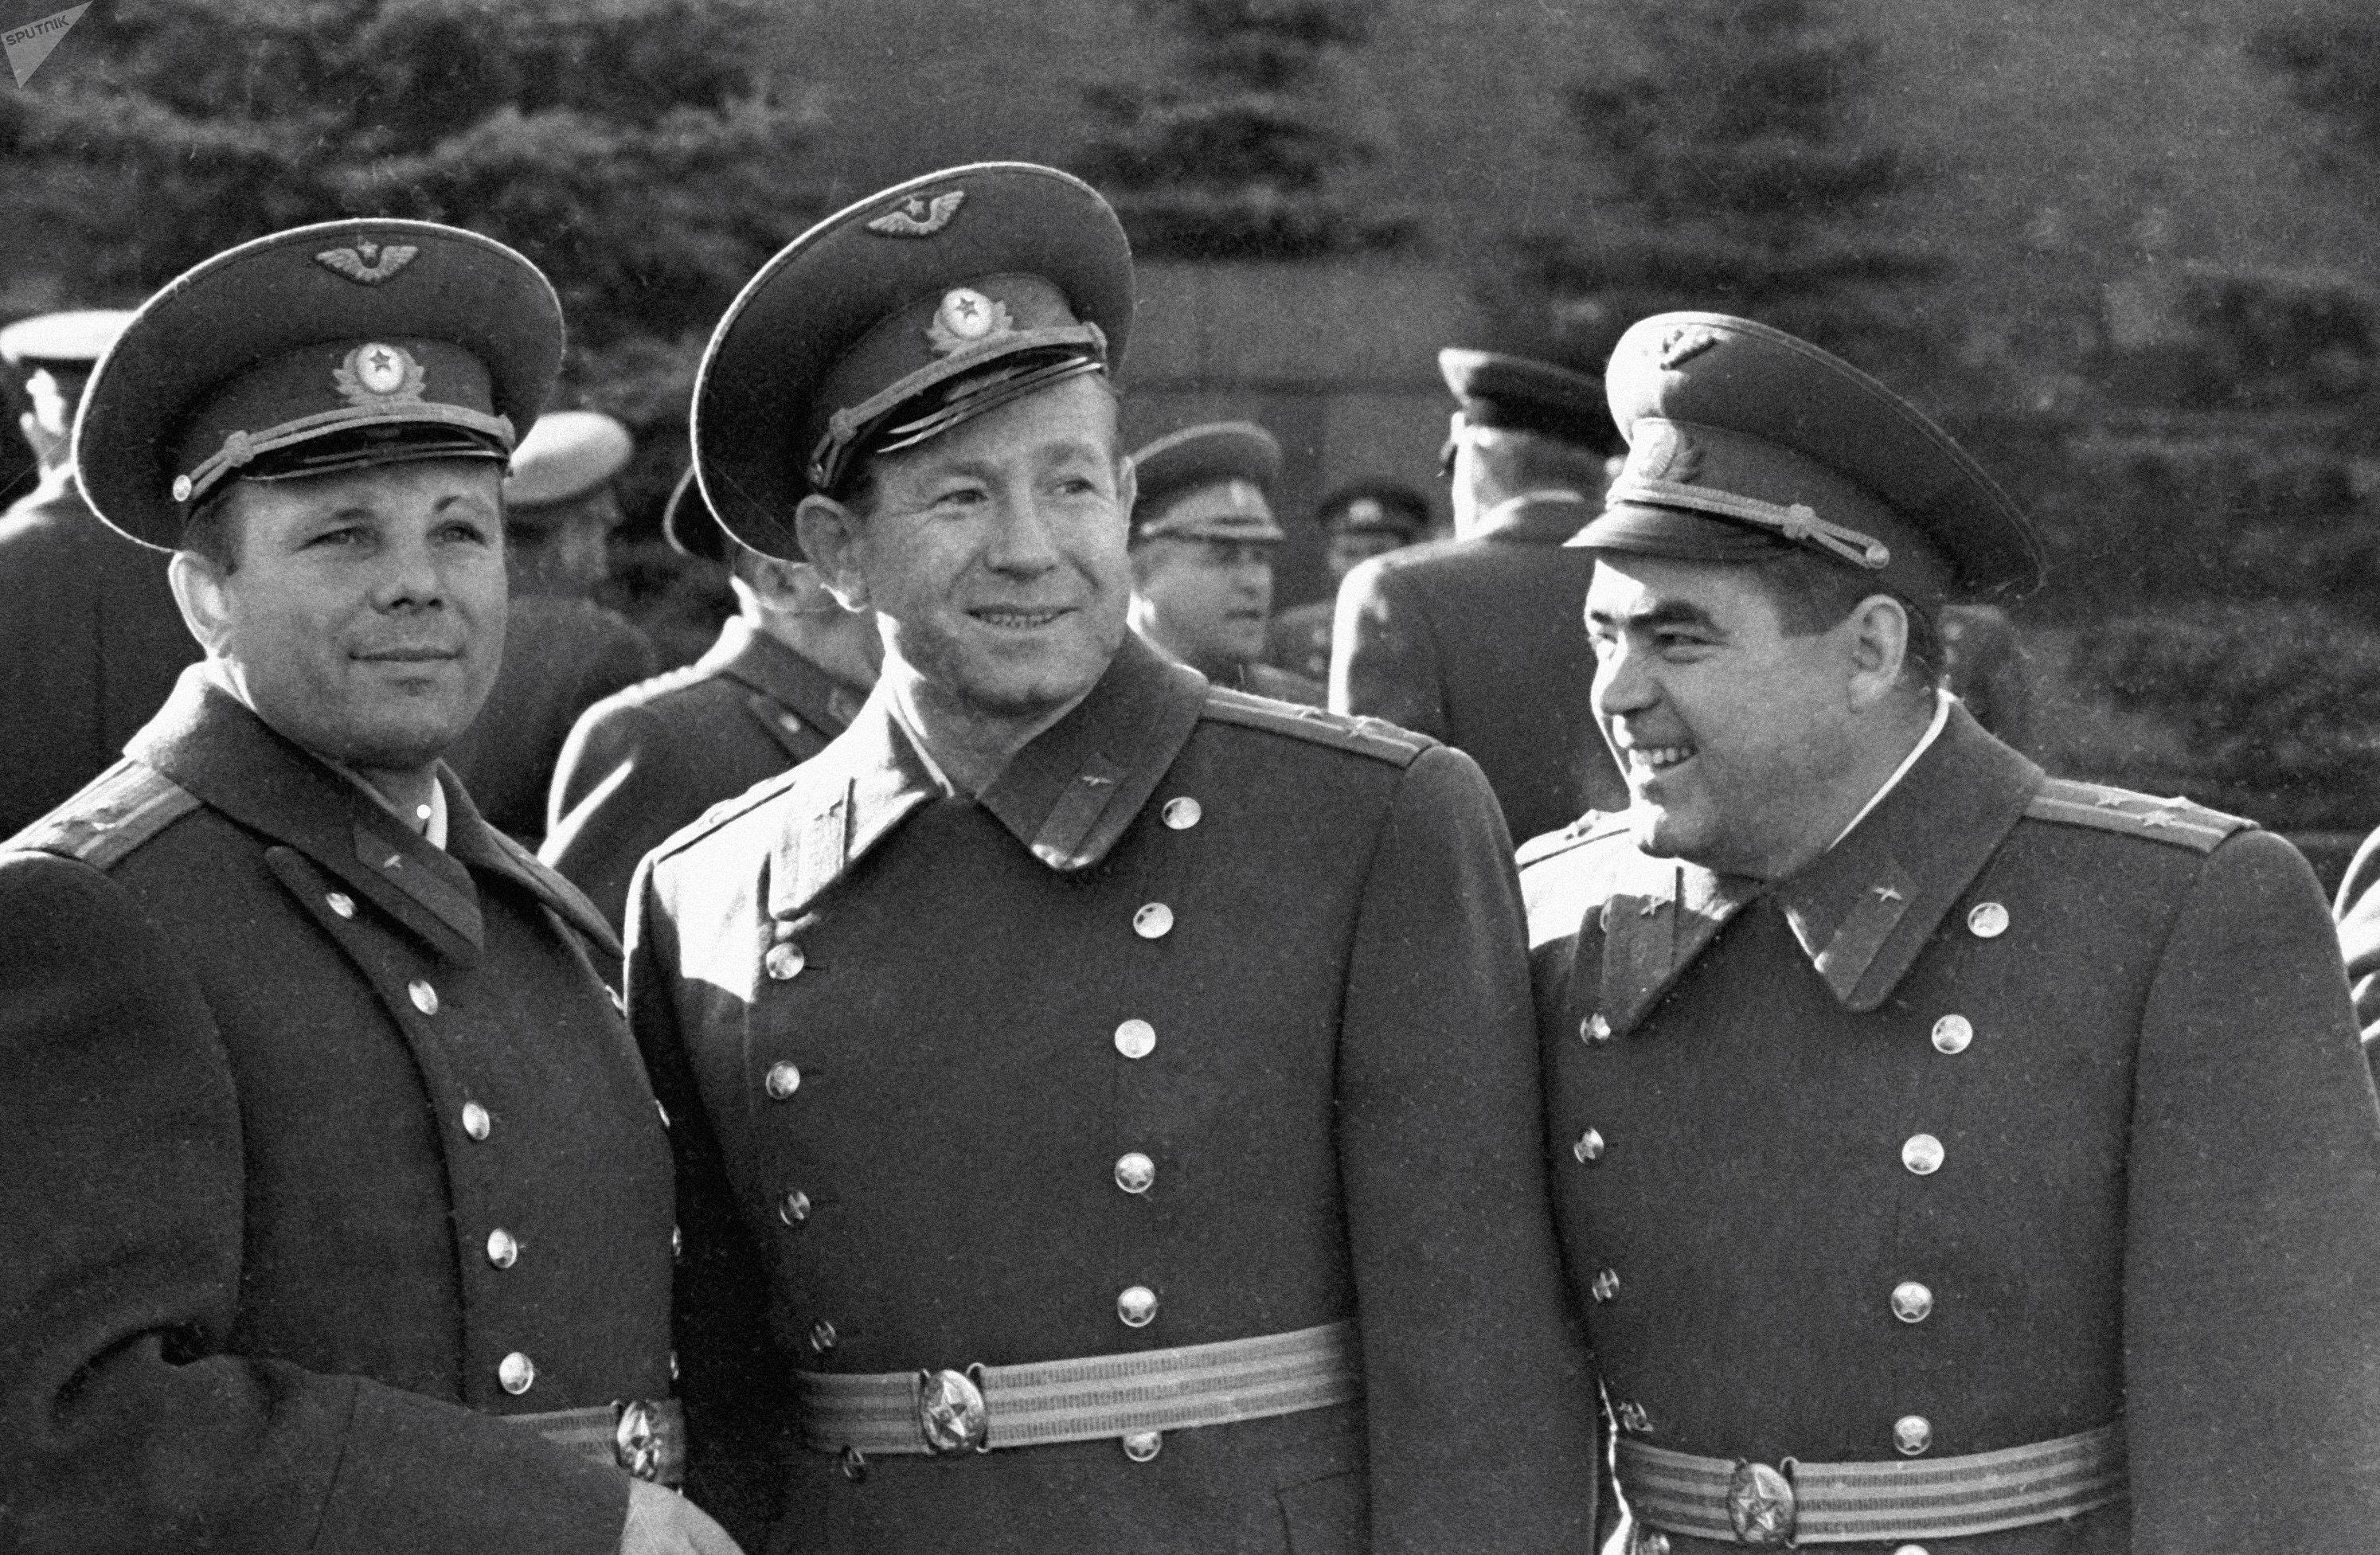 Советские космонавты Юрий Гагарин, Алексей Леонов и Андриян Николаев